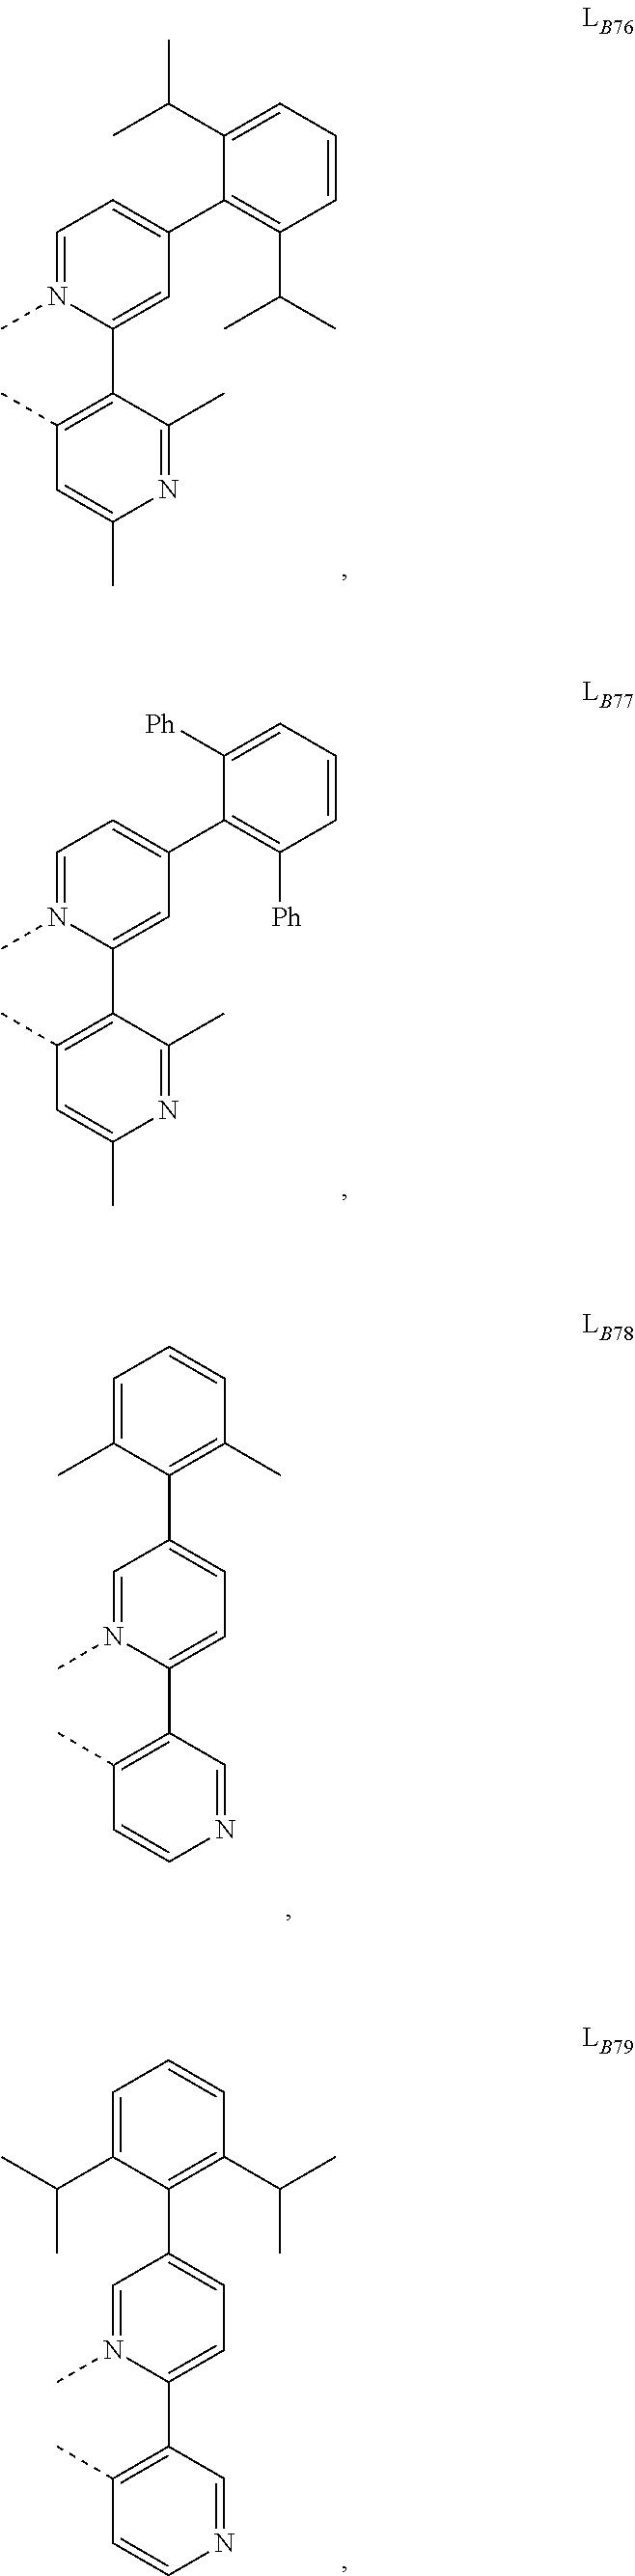 Figure US09905785-20180227-C00574